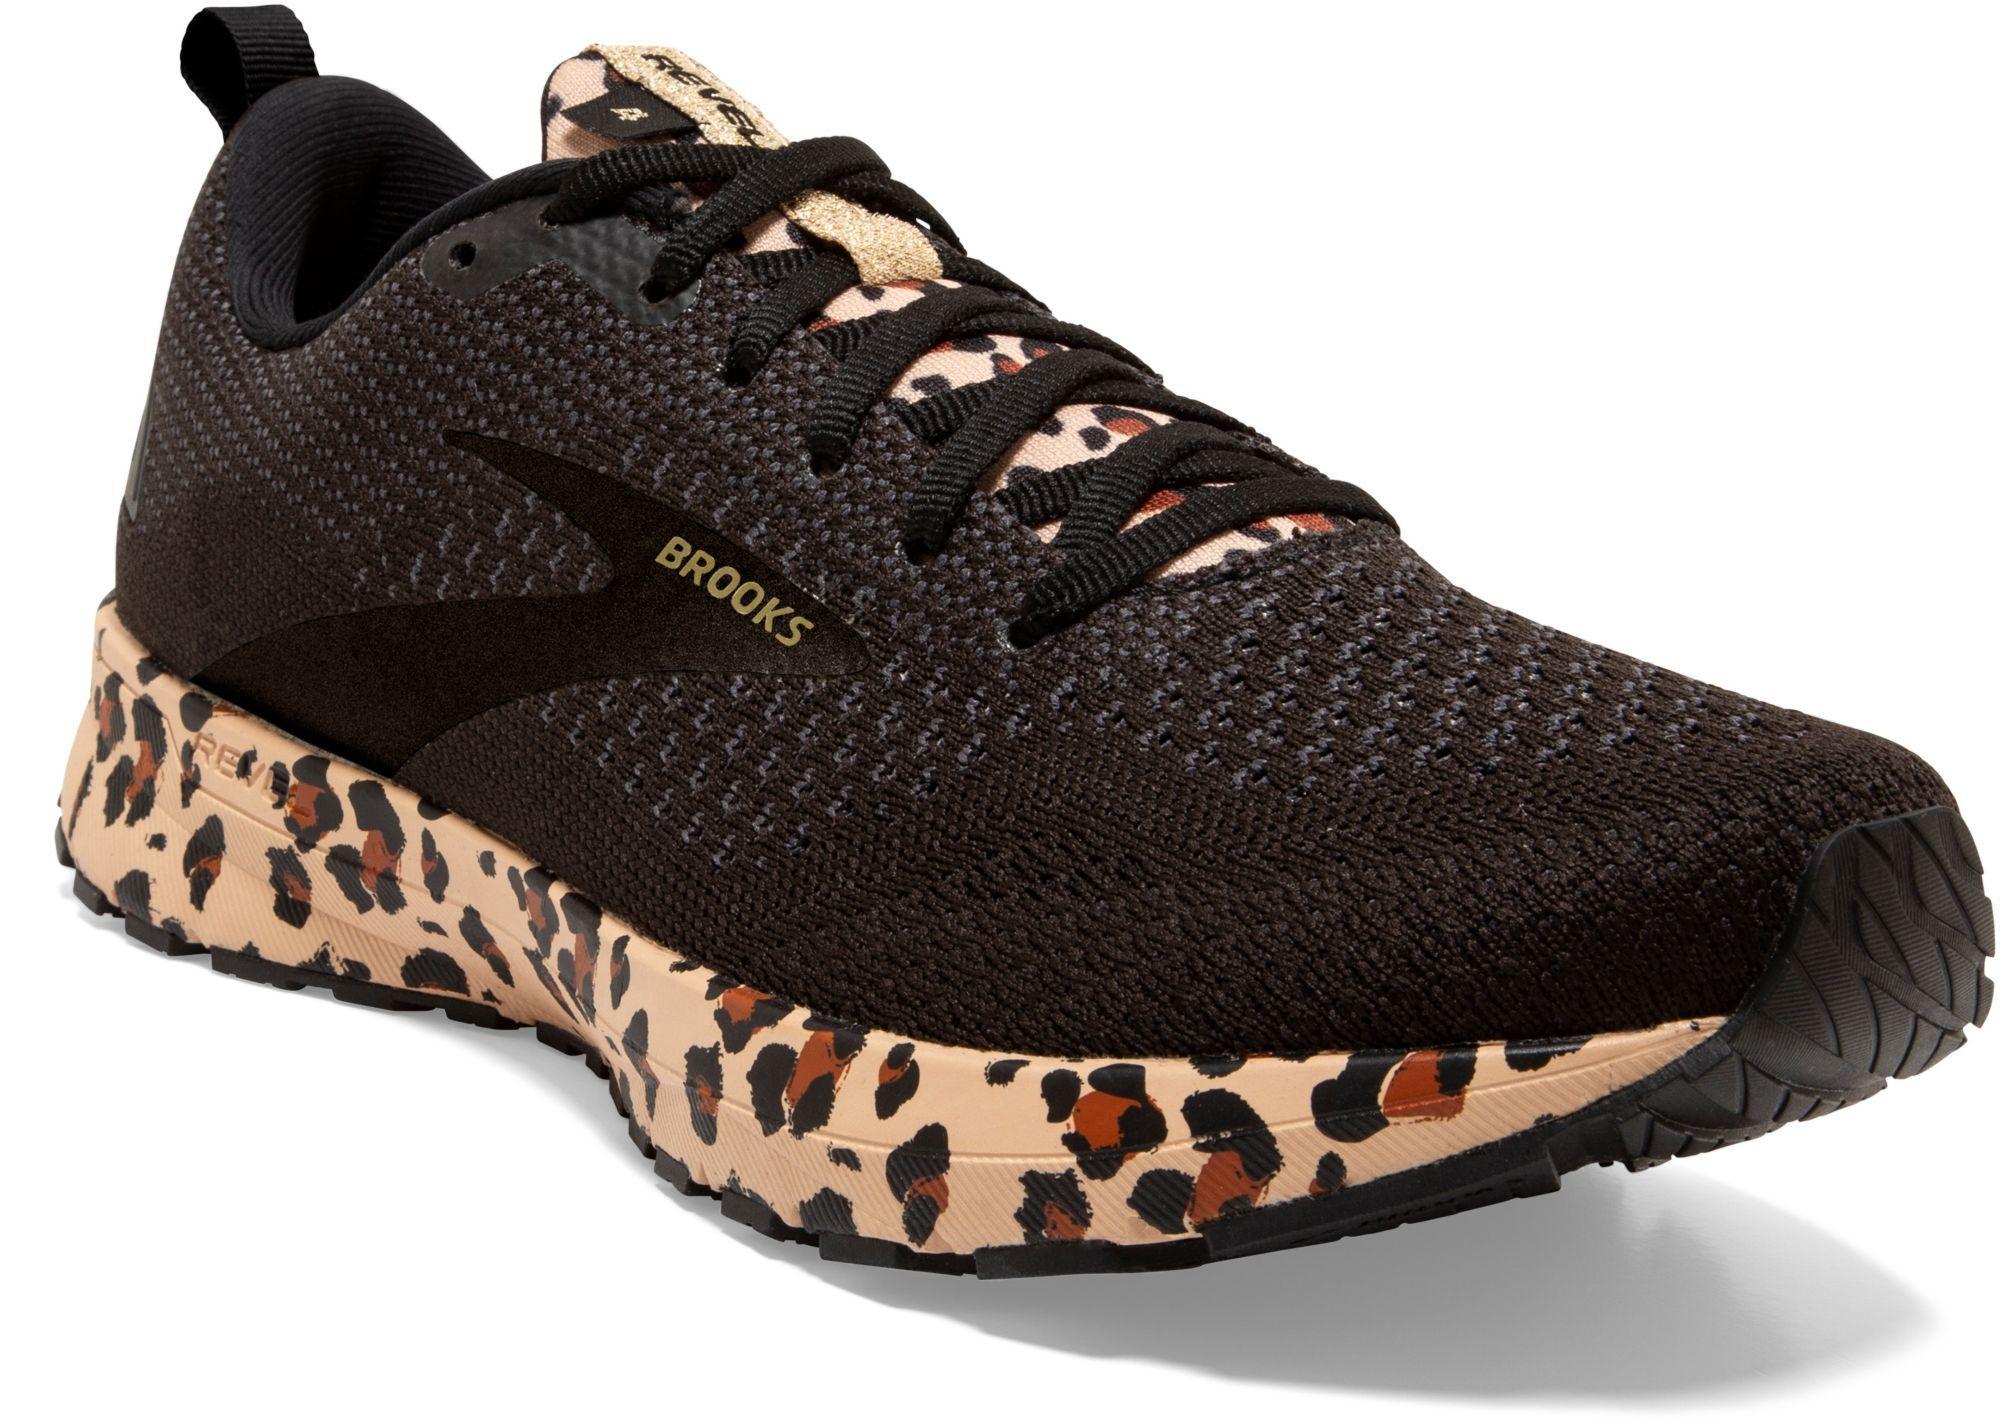 Brooks Revel 4 Leopard Print Running